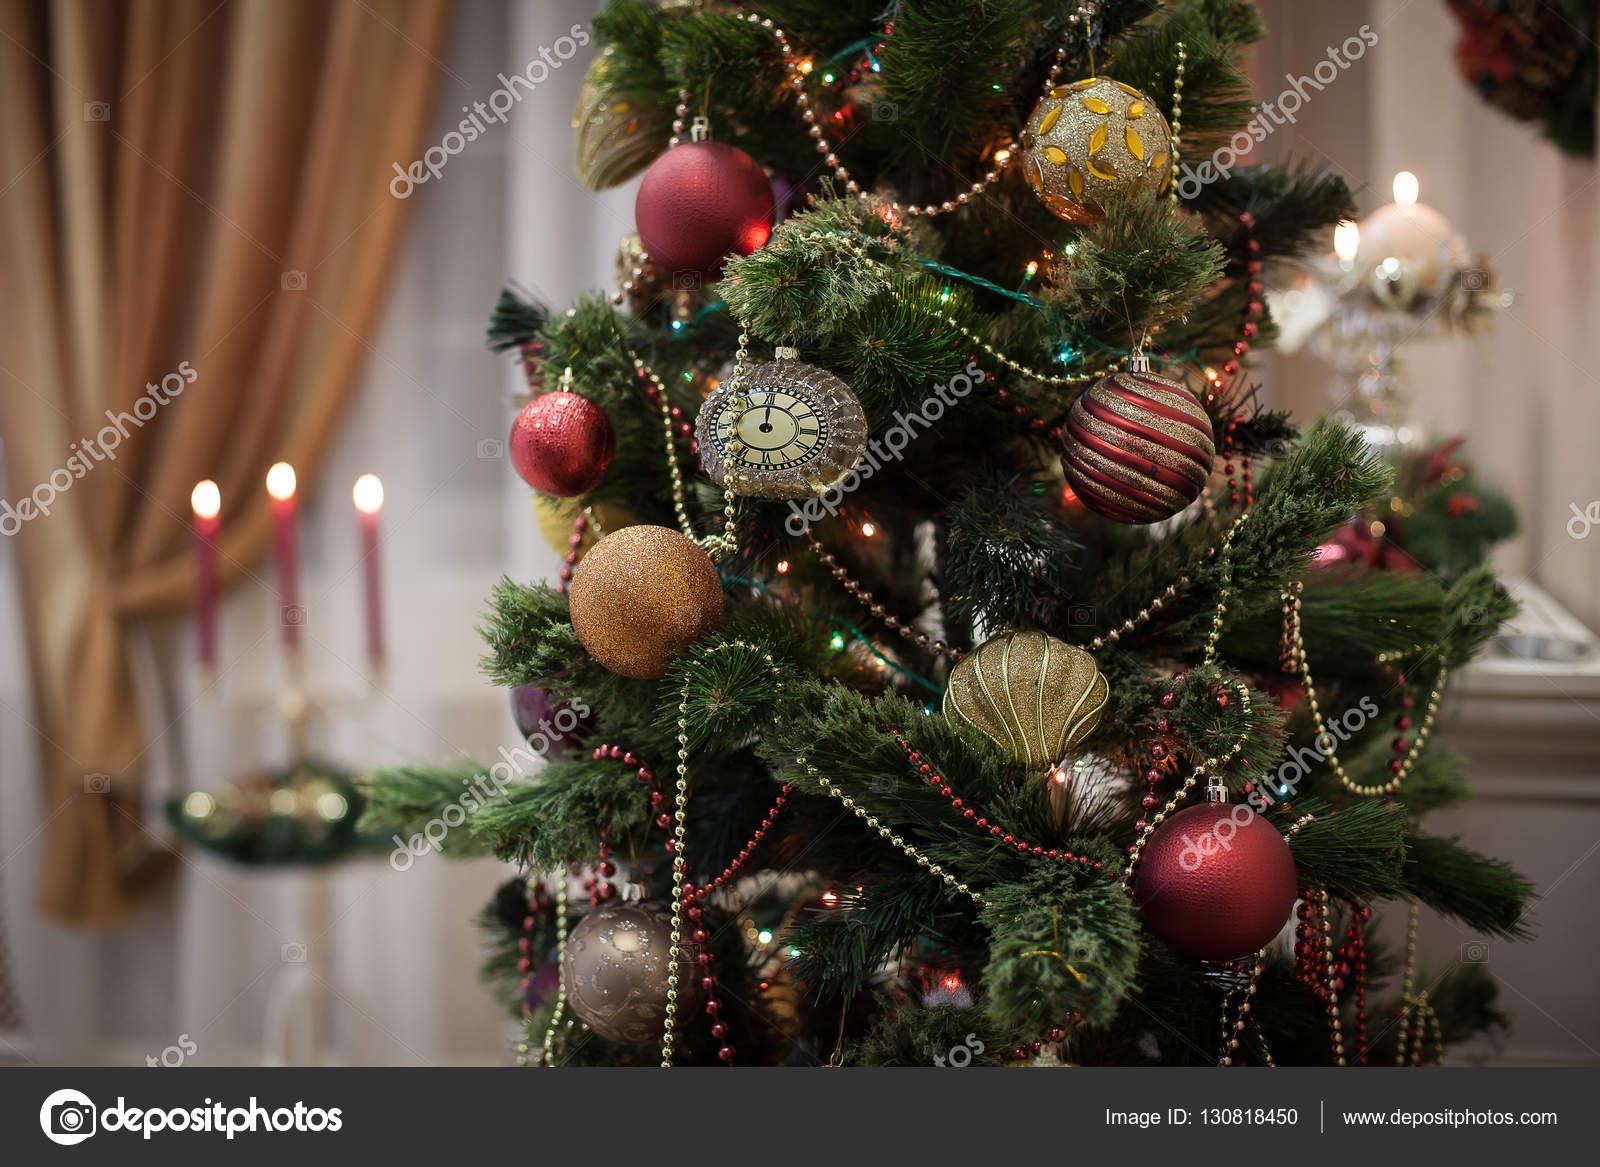 Schmuck Für Weihnachtsbaum.Traditioneller Schmuck Der Weihnachtsbaum Stockfoto Favorekyiv